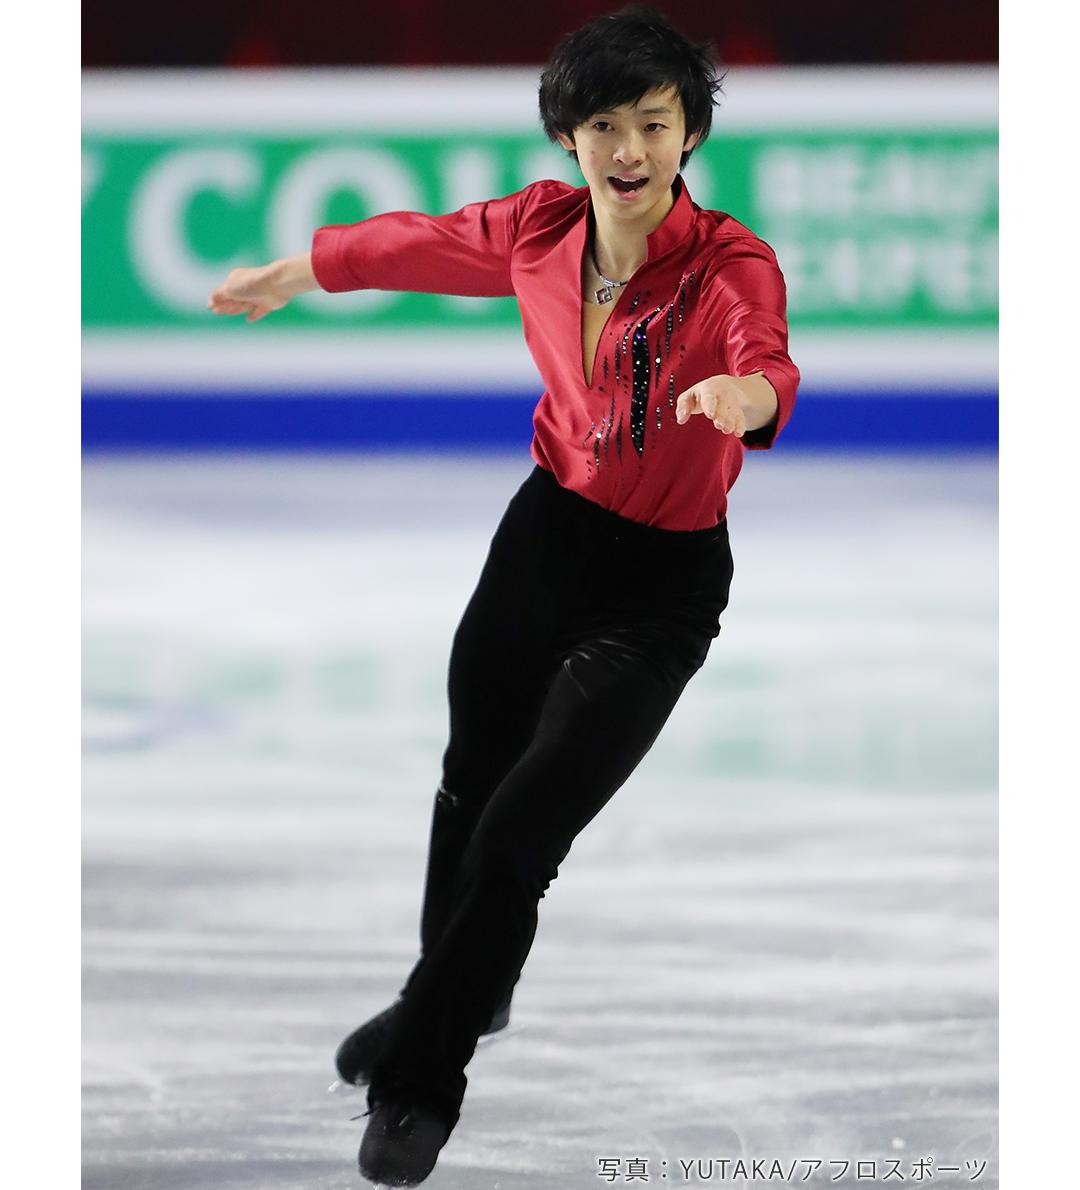 世界中から氷上のイケメンが集結! フィギュアスケート男子フォトギャラリー_1_22